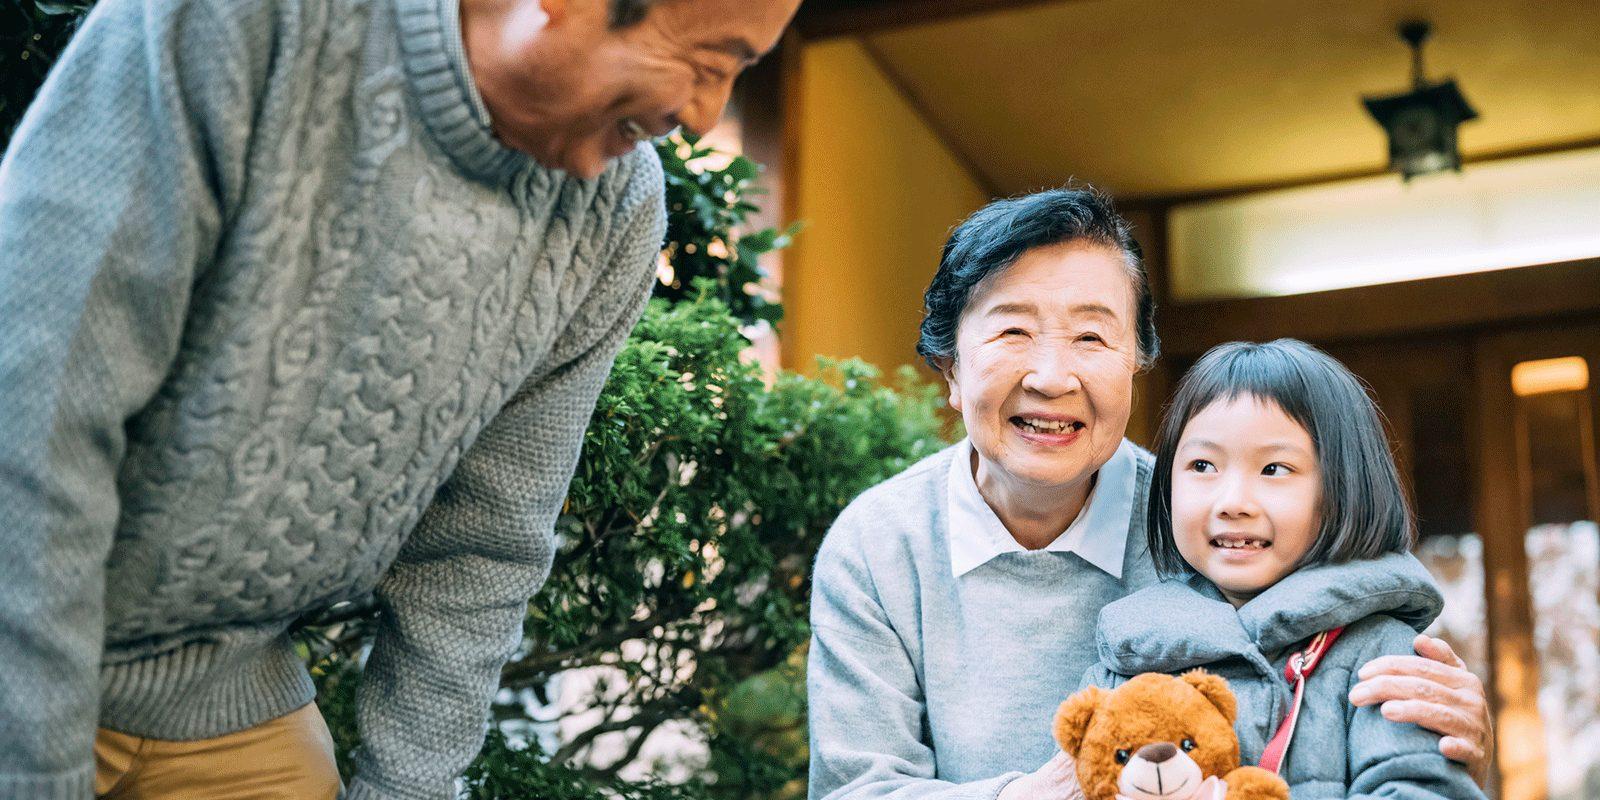 養老保険とは?保険期間中に死亡・高度障害となった場合は死亡保険金を、生存して満期を迎えた場合は満期保険金が支払われる保険です。